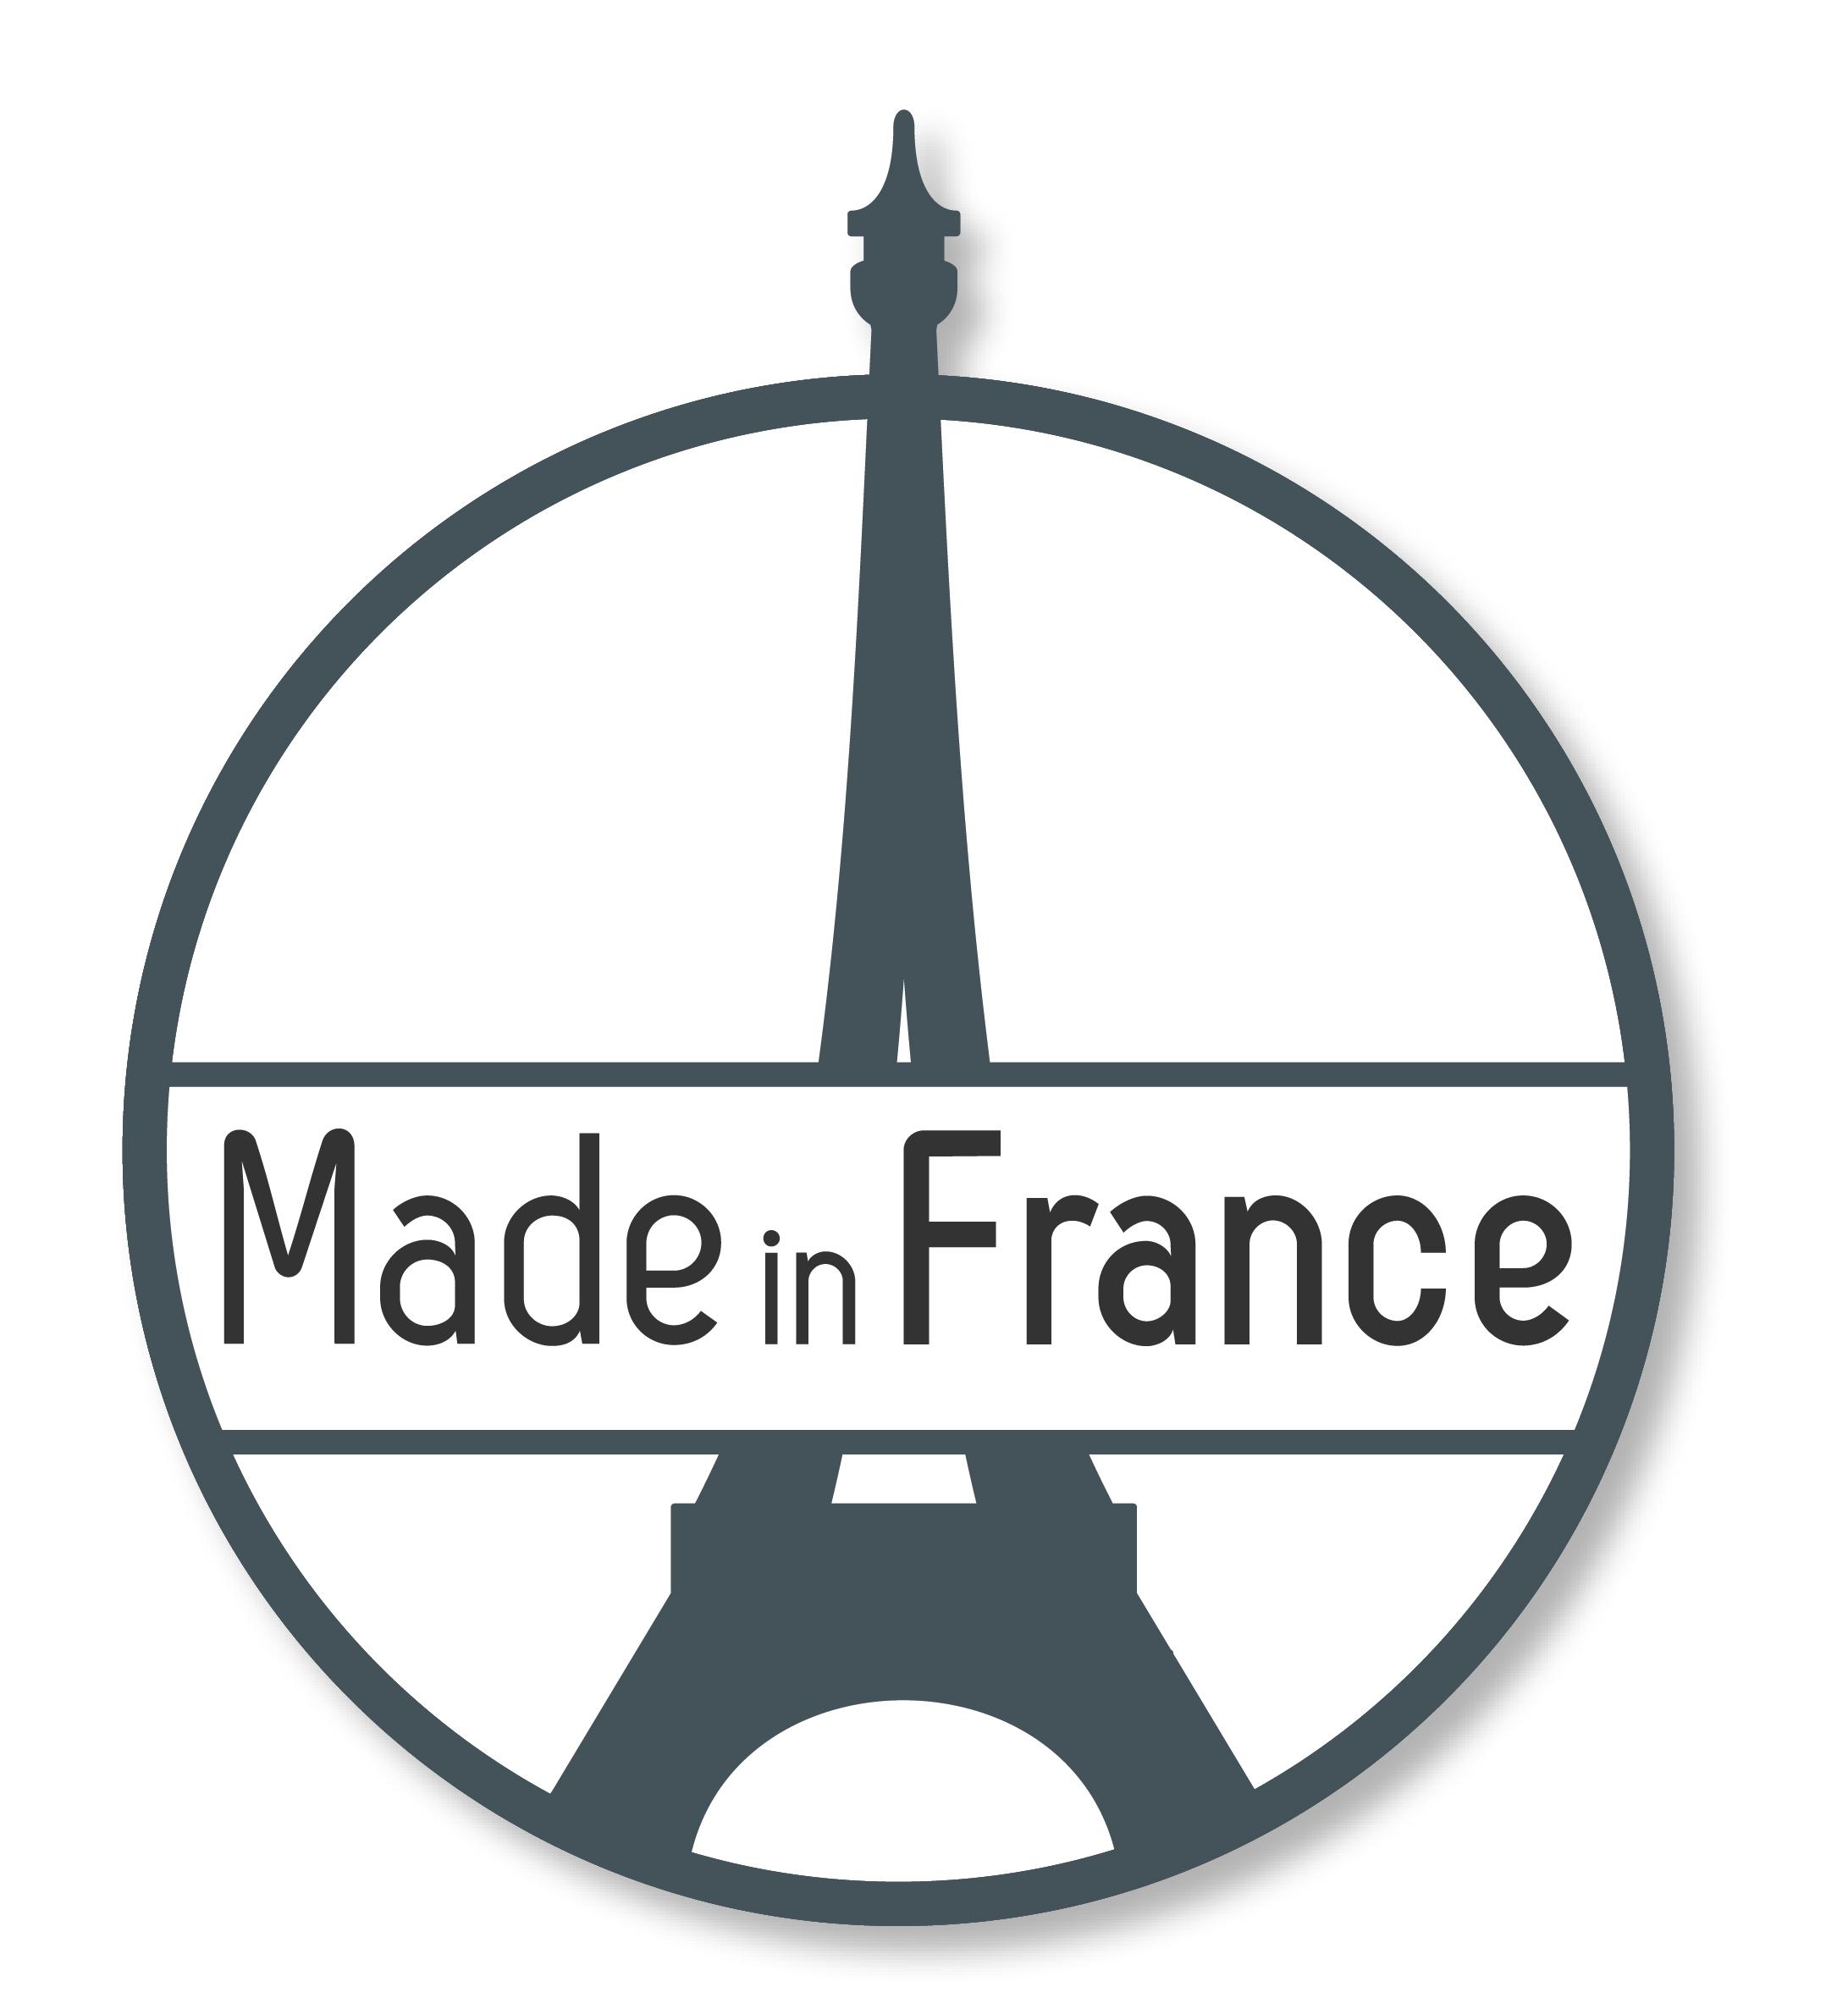 pcito-made-in-france-v2